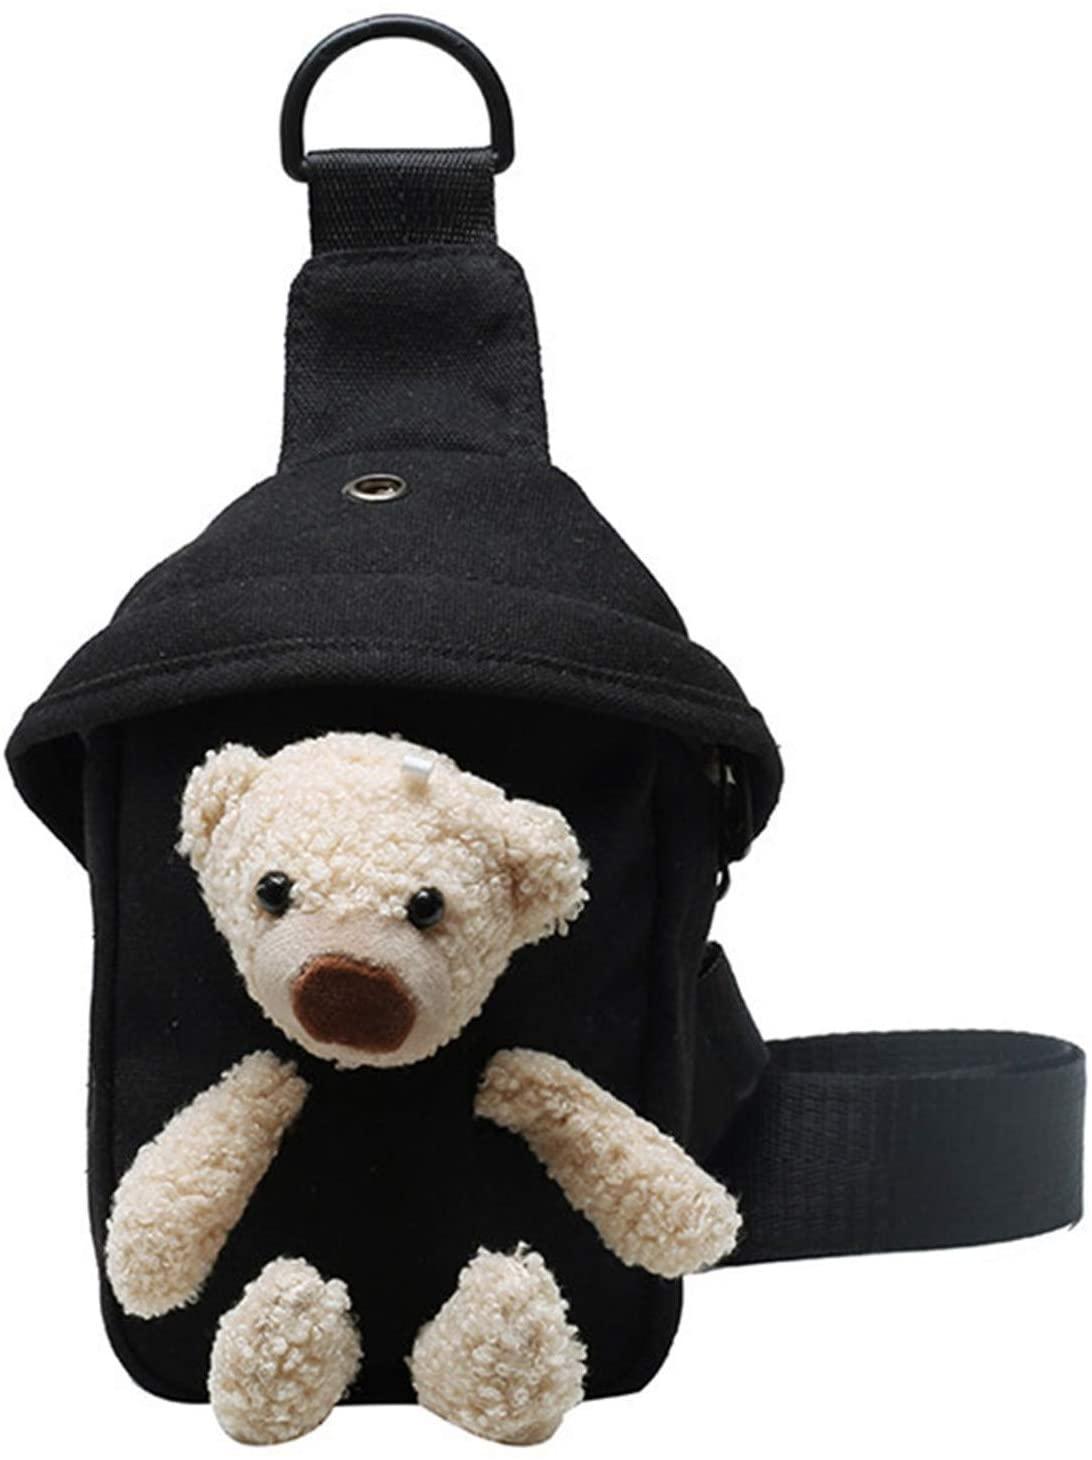 Cute Chest Bag, Bear Pack for Female Women, Fasion Girl Waist Bag, Adjustable Belt Cartoon Doll Small Bag, Lightweight Customized Messenger Waist Bag